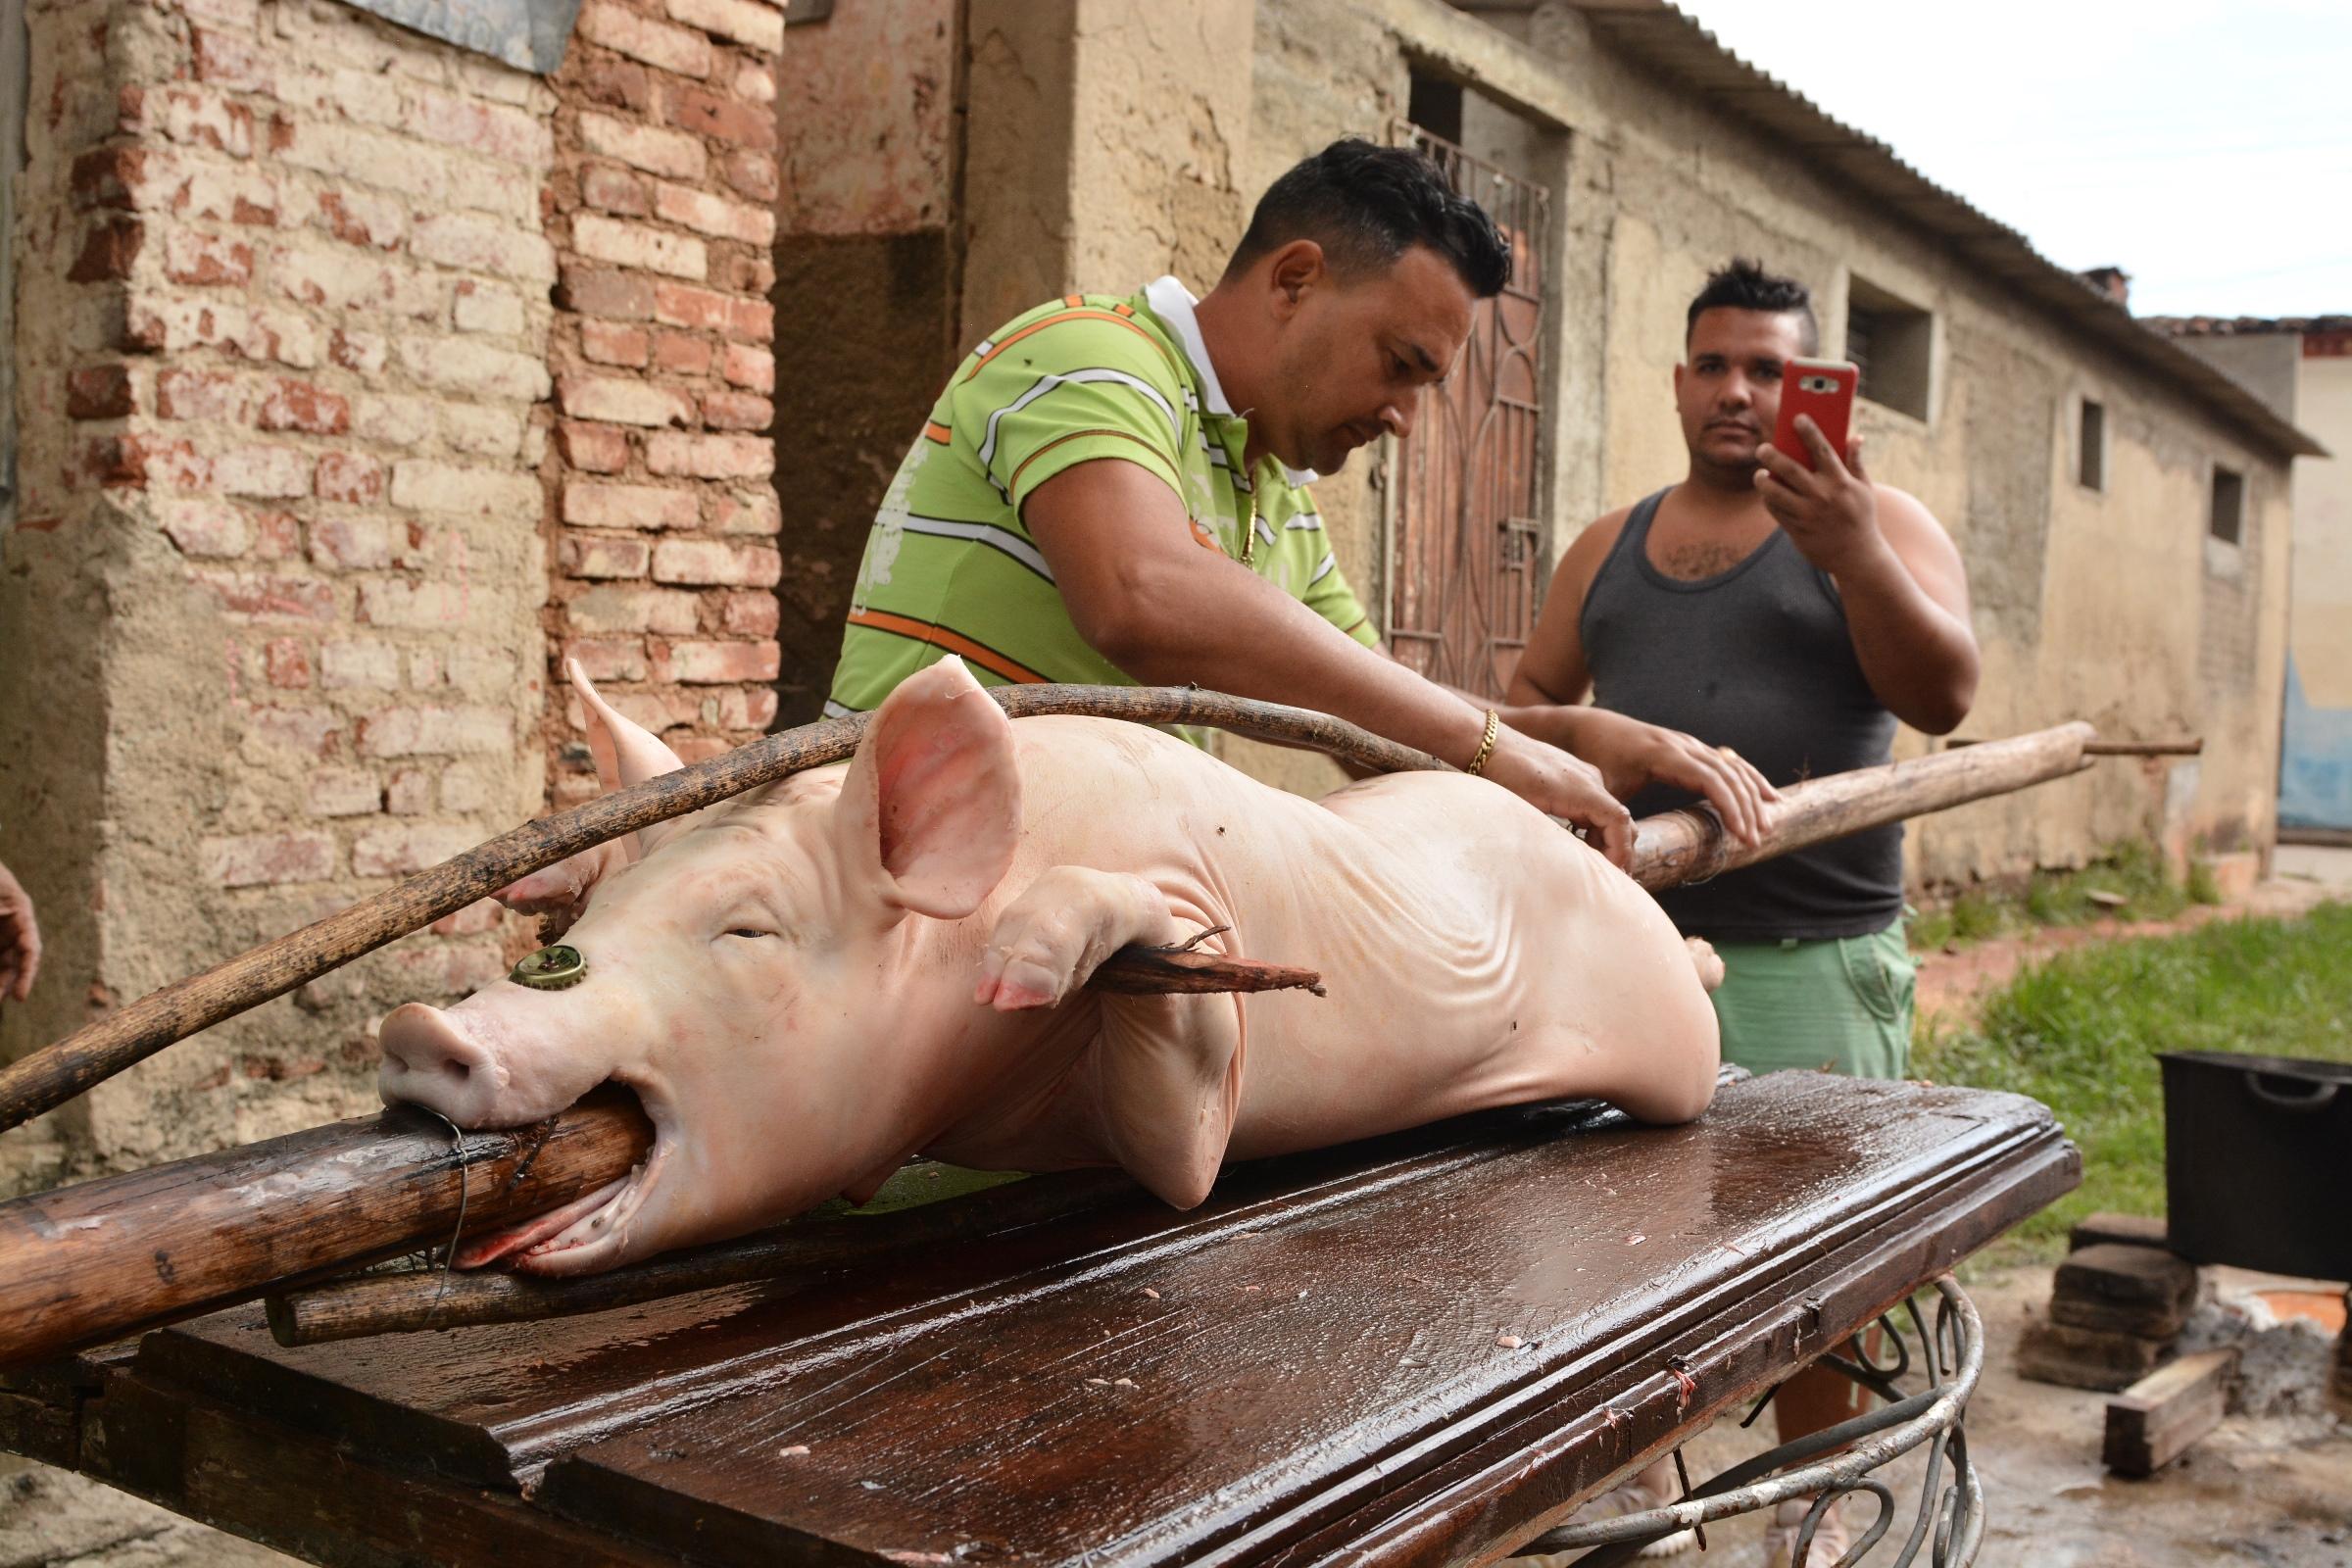 Kuchnia kubańska - wszystko co musisz wiedzieć